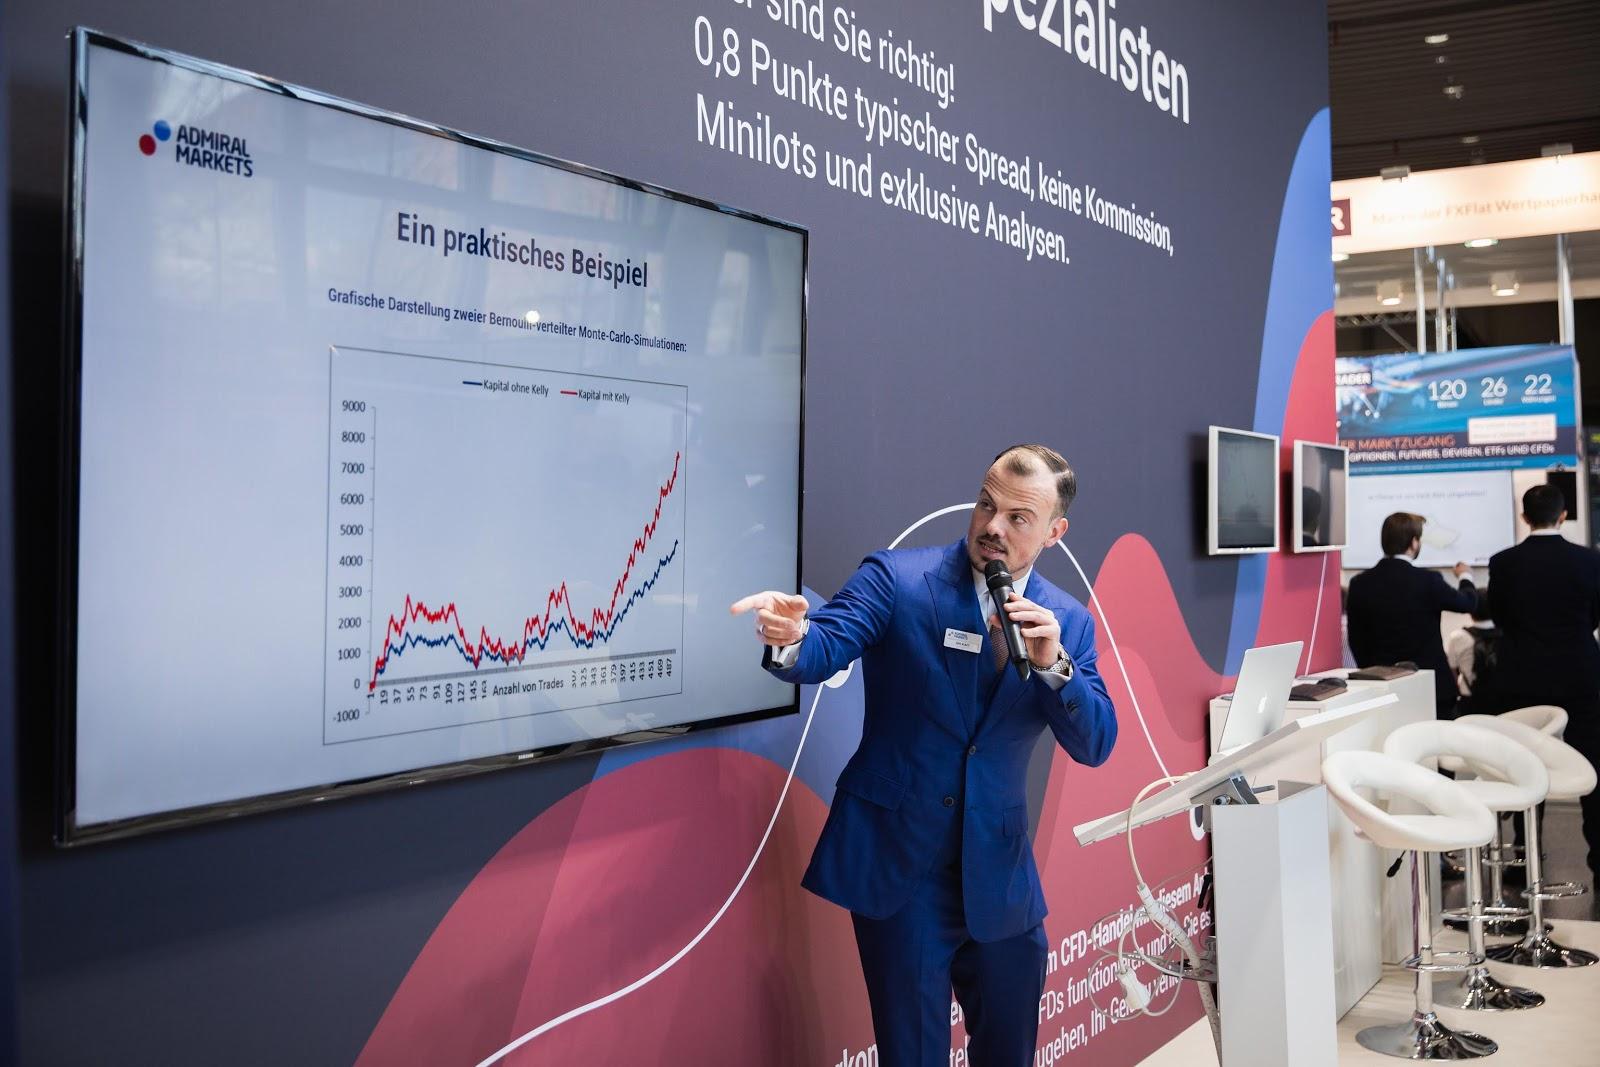 Jens Klatt räägib, kuidas kauplemisel minimeerida potentsiaalseid kahjumeid